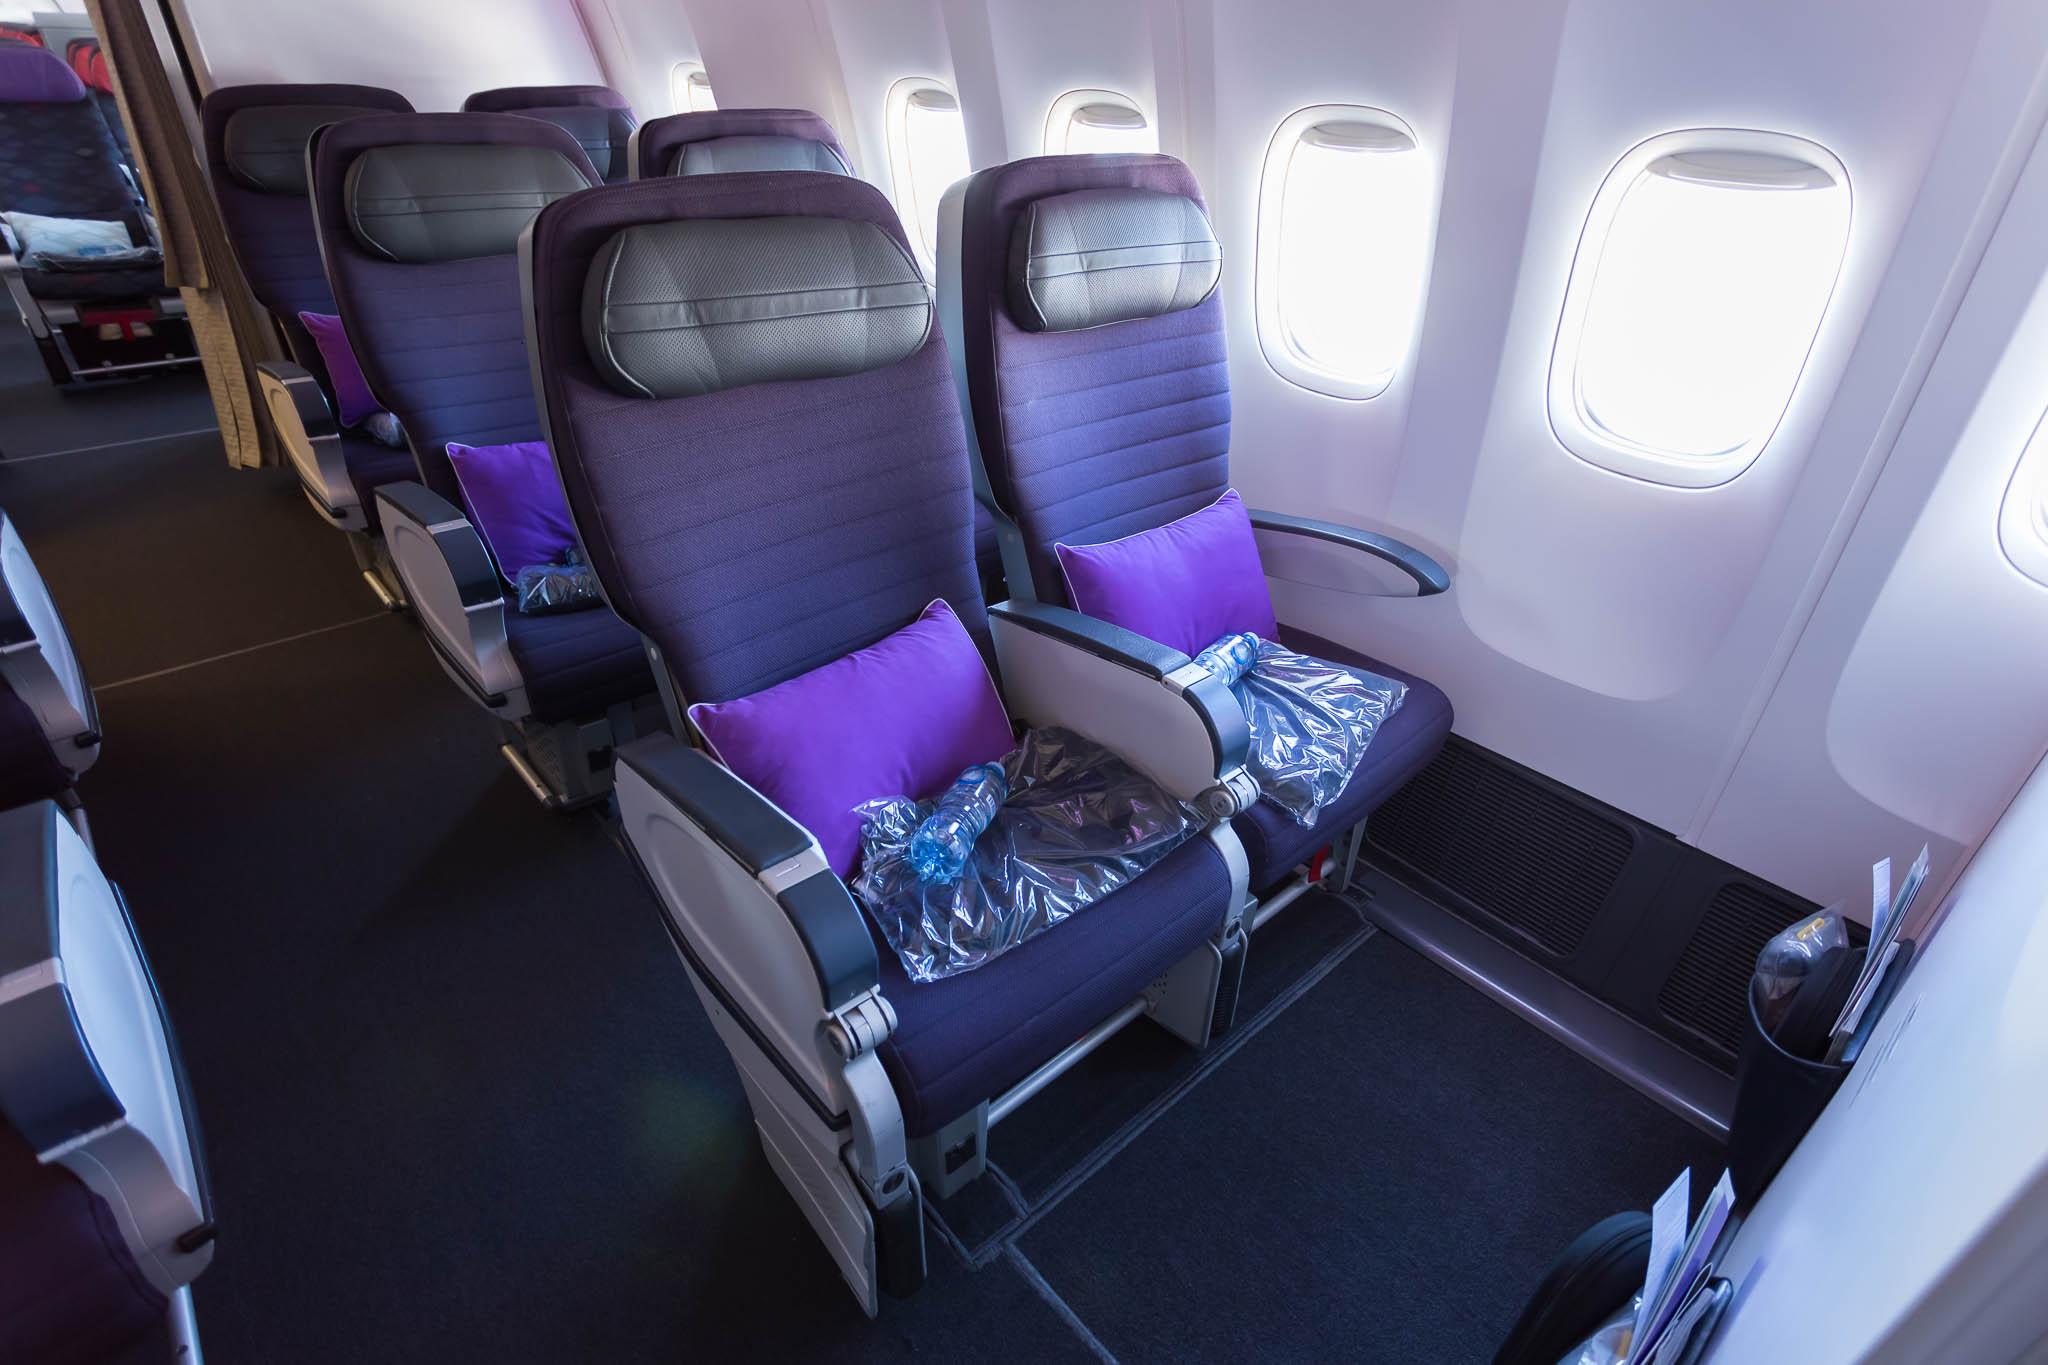 Virgin Australia 777 Premium Economy